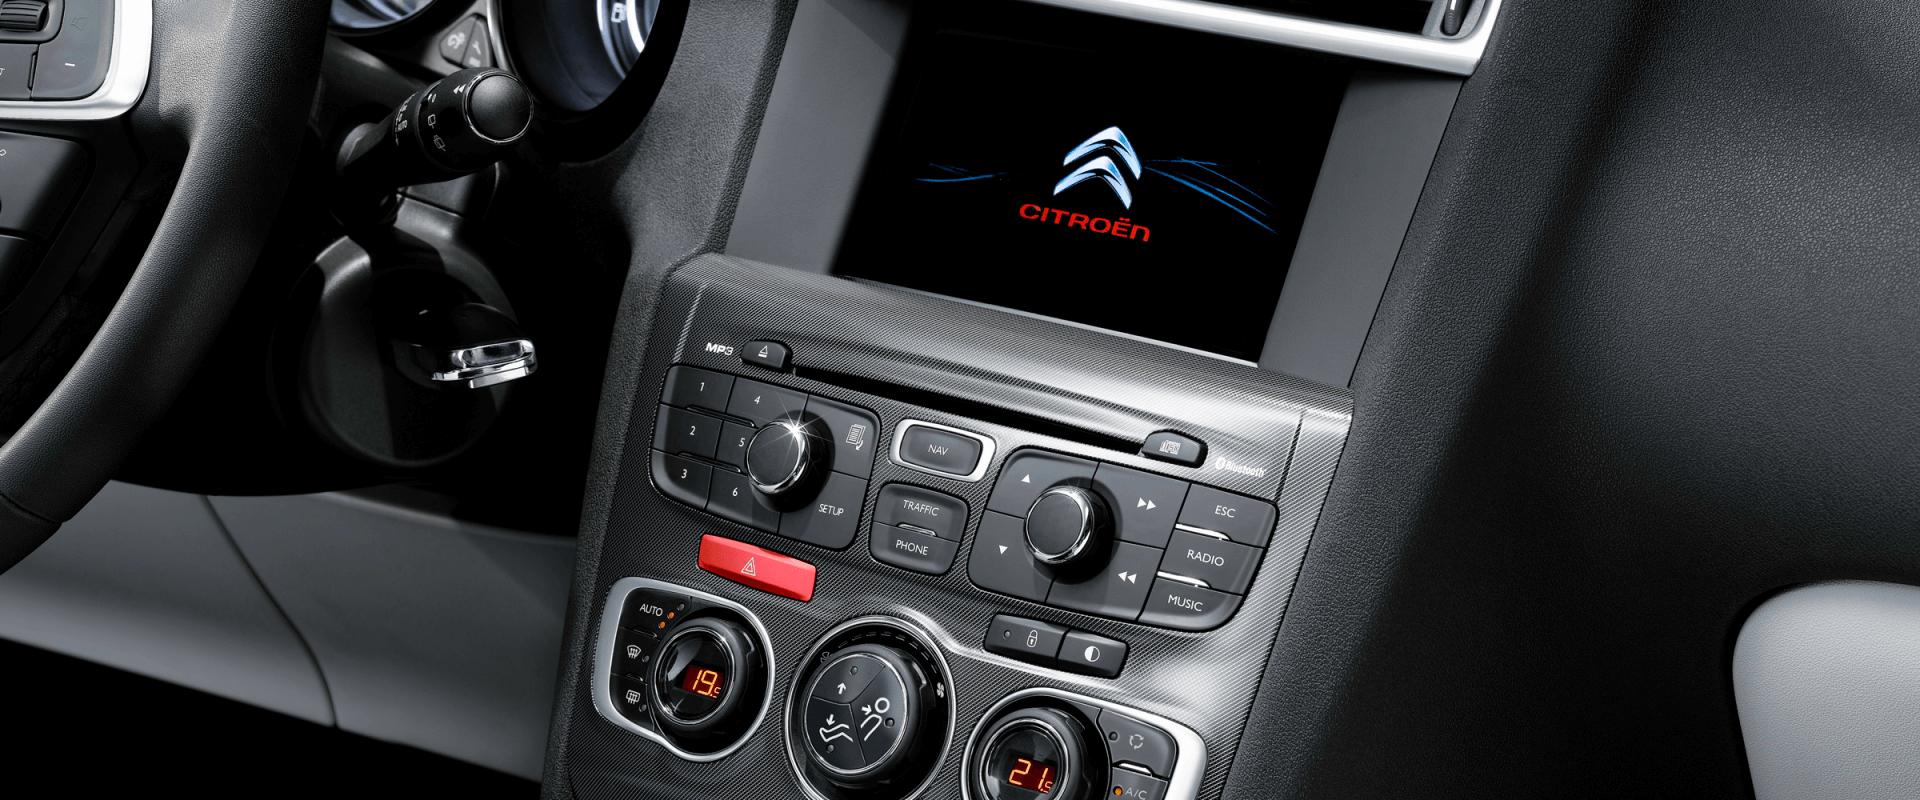 Citroen C4 хэтчбек: купить новый автомобиль Ситроен С4 ...